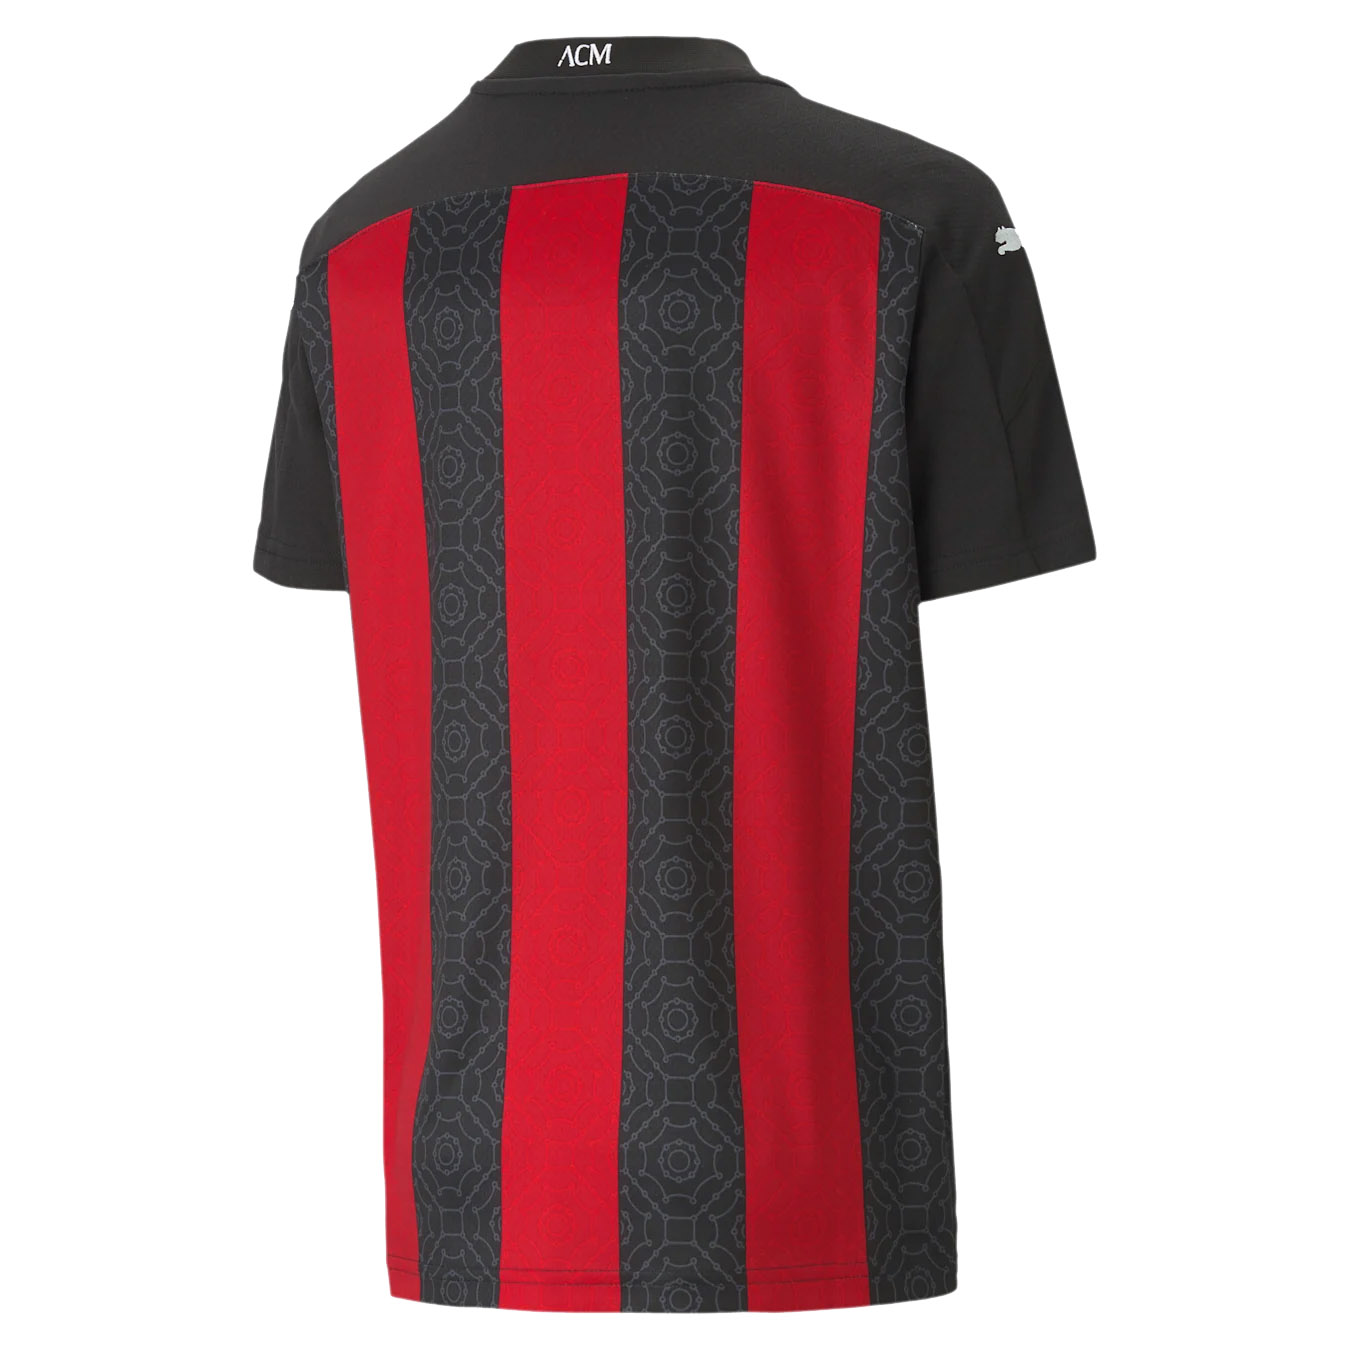 Maglia da bambino/ragazzo AC Milan 2020/21 Puma PUMA | 270000021 | 757447001